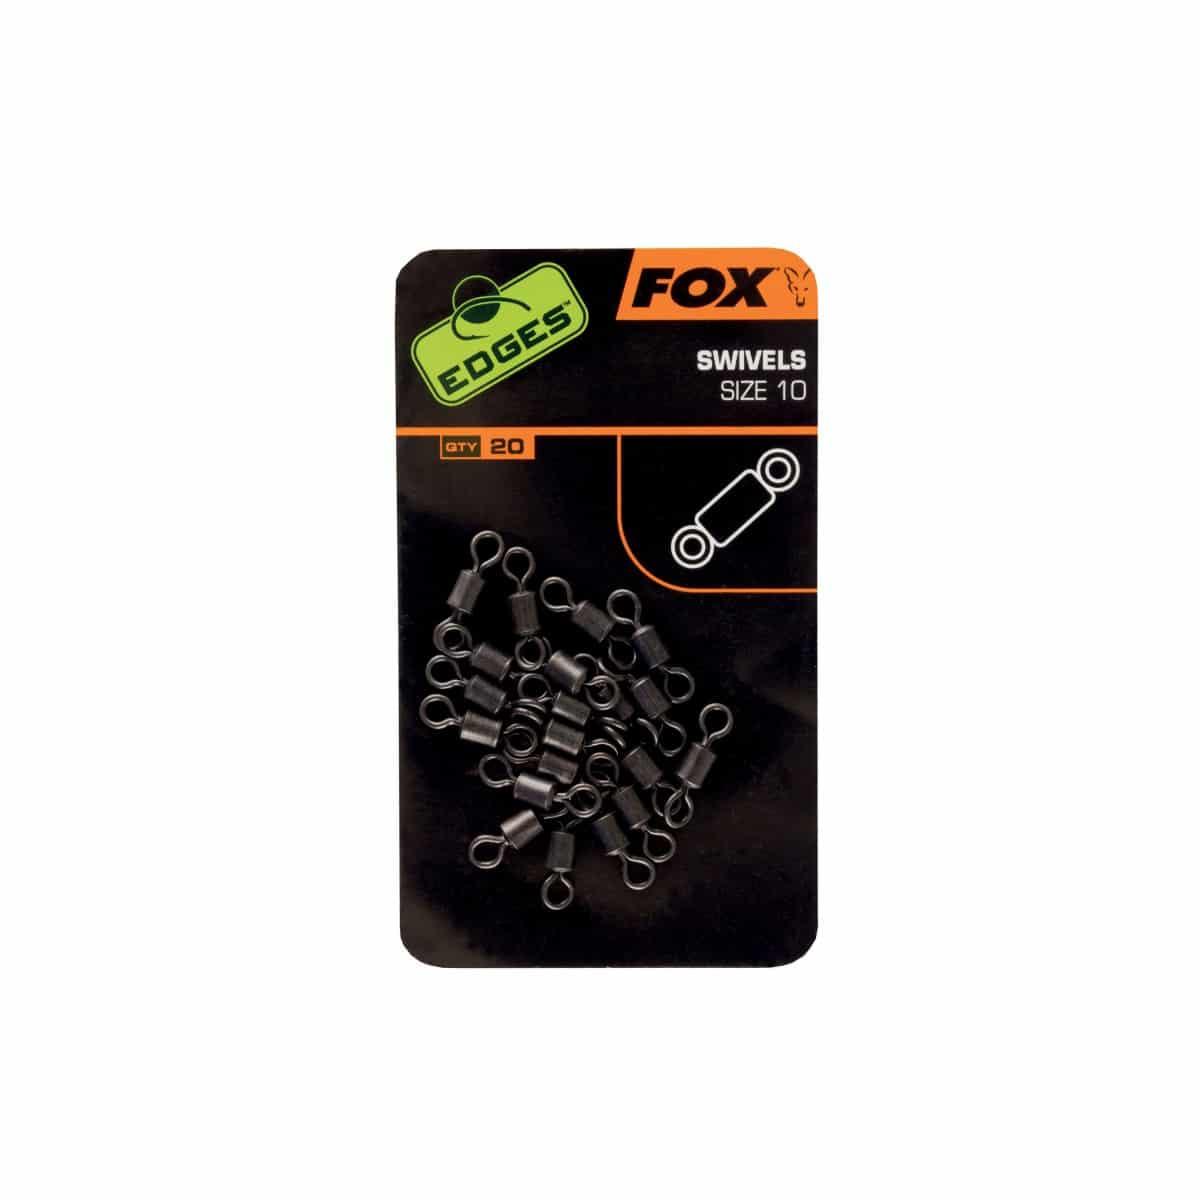 cac534 - Fox Swivels Size 10 x20